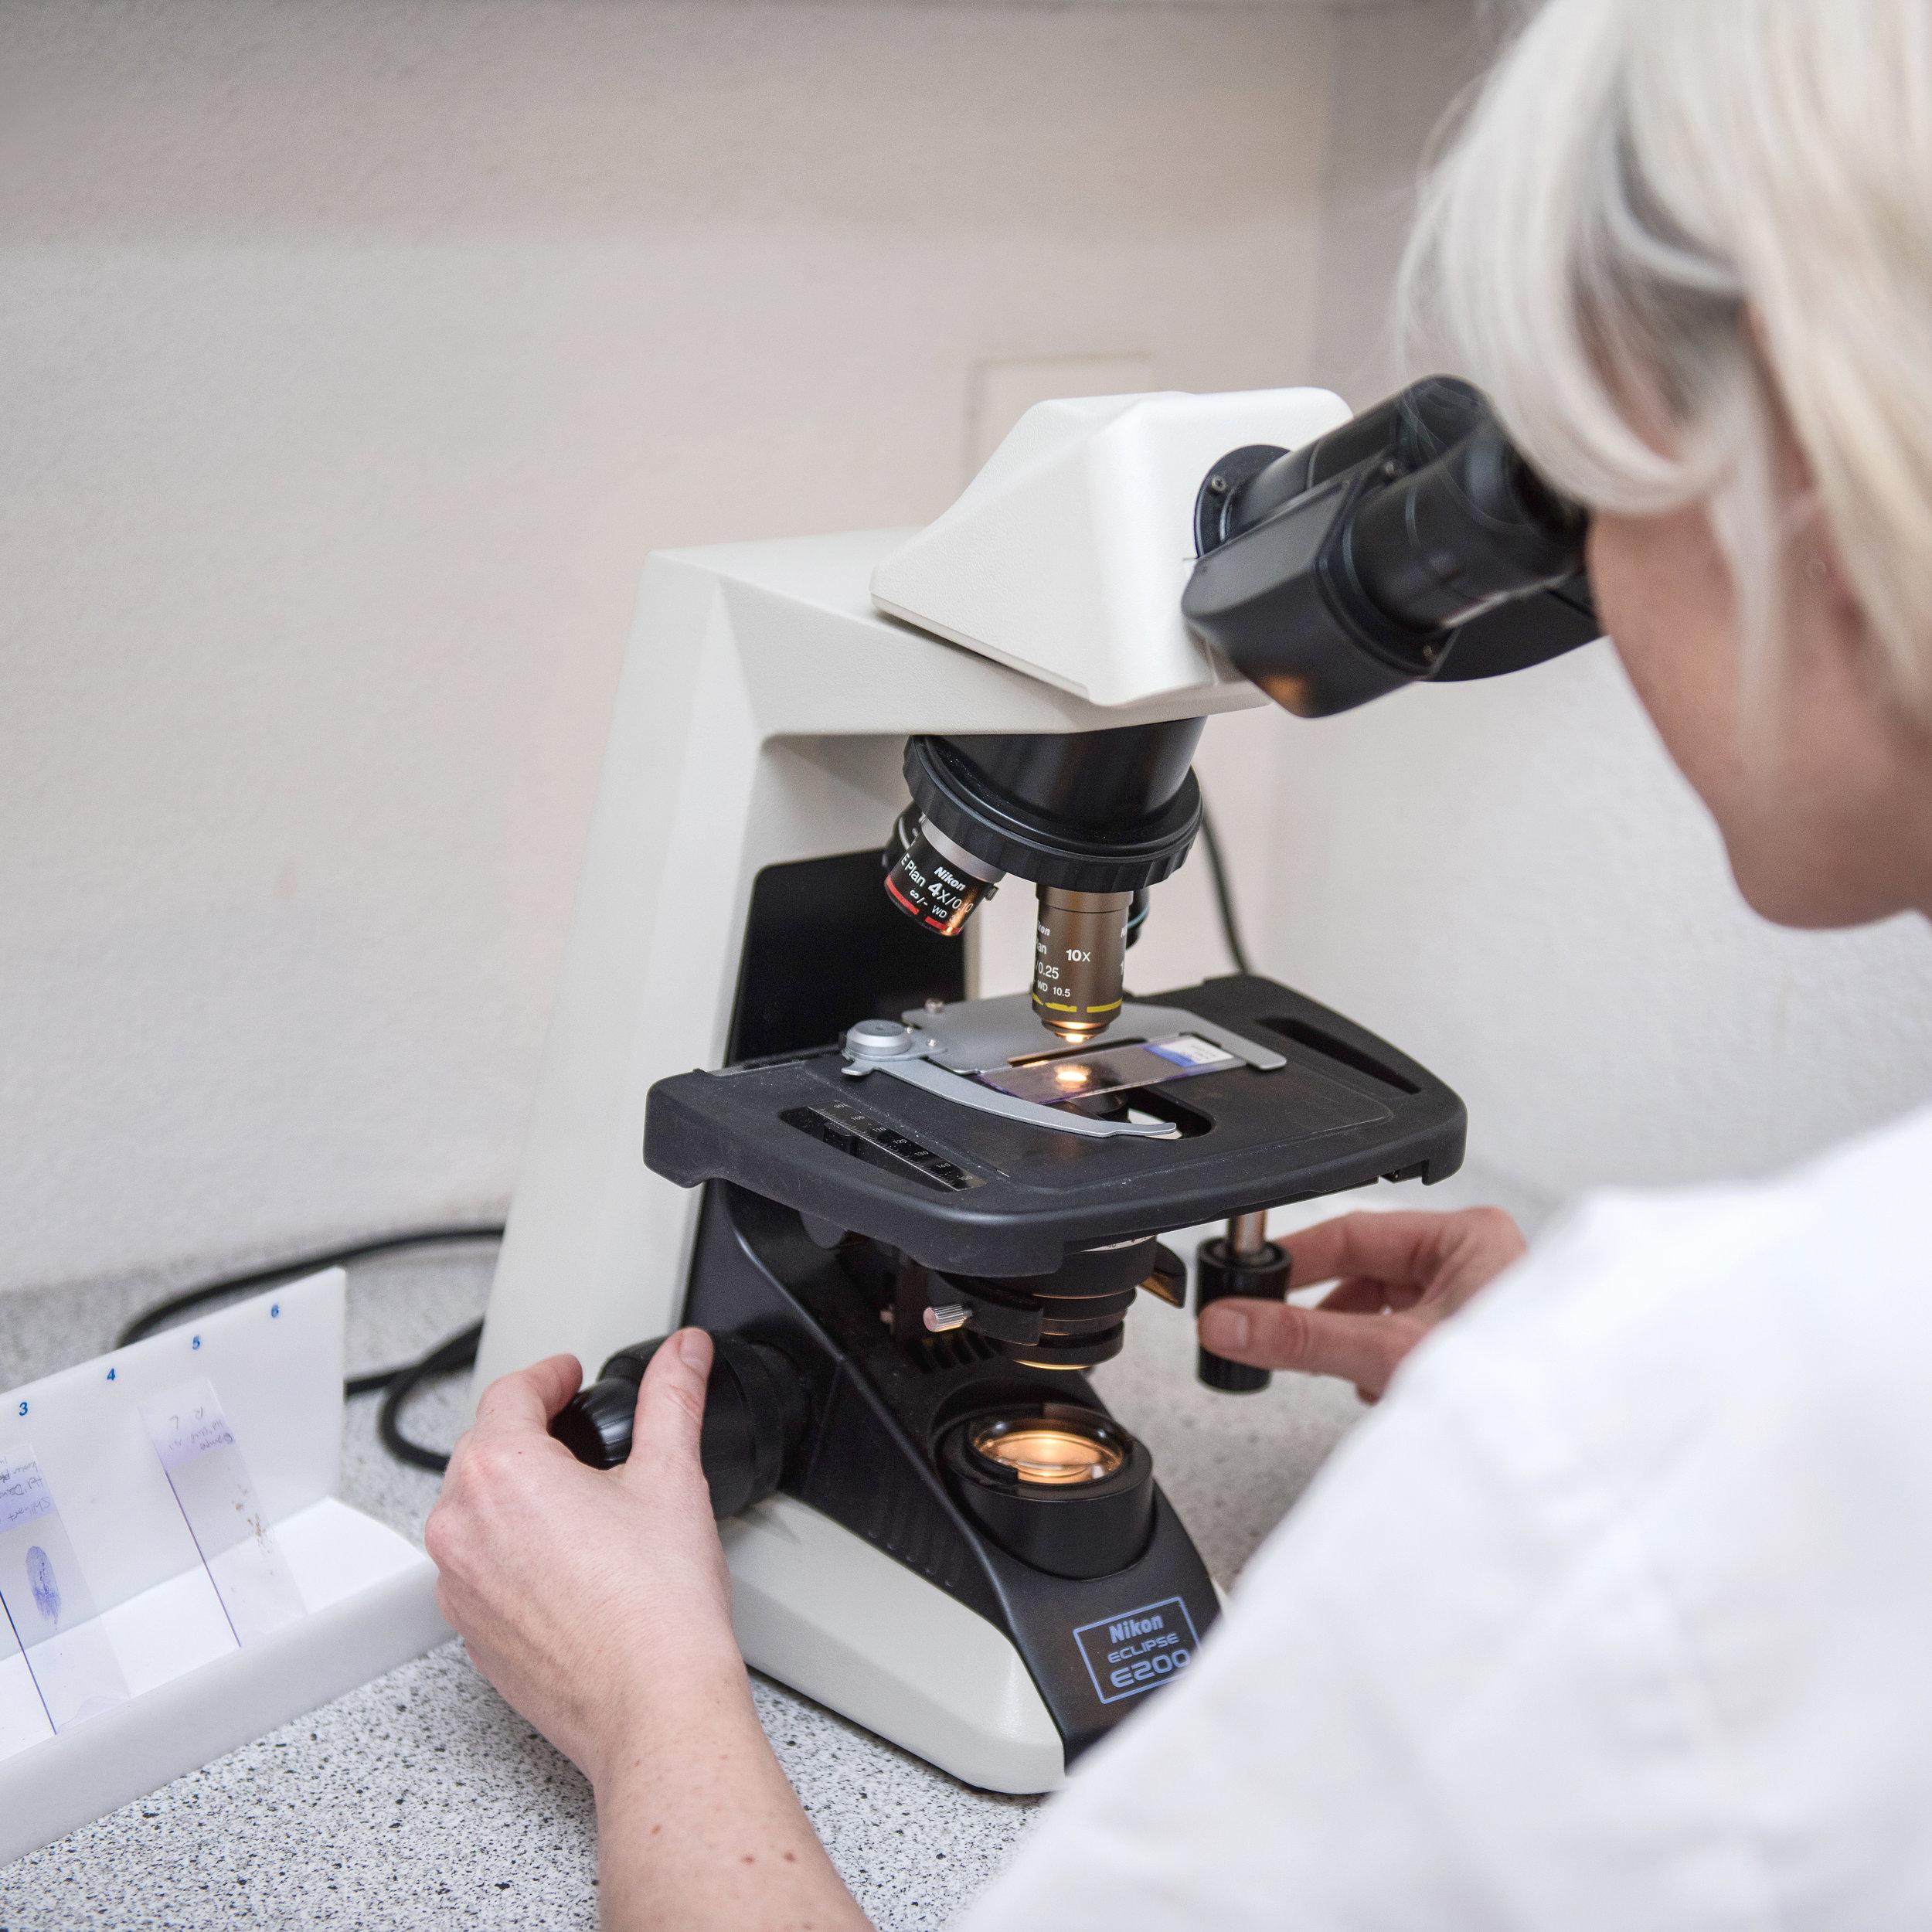 Dermatologie - Haut- und Ohrerkrankungen sind oft mit Juckreiz, Fell- oder Hautveränderungen verbunden. Zur Diagnose führen mikroskopische Untersuchungen (Zytologie, Hautbiopsie) oder Blutuntersuchungen. Ein grosser Fokus gilt zudem der Diagnose und langfristigen Therapie von Allergien (z.B. Futtermittel- oder Umweltallergie).